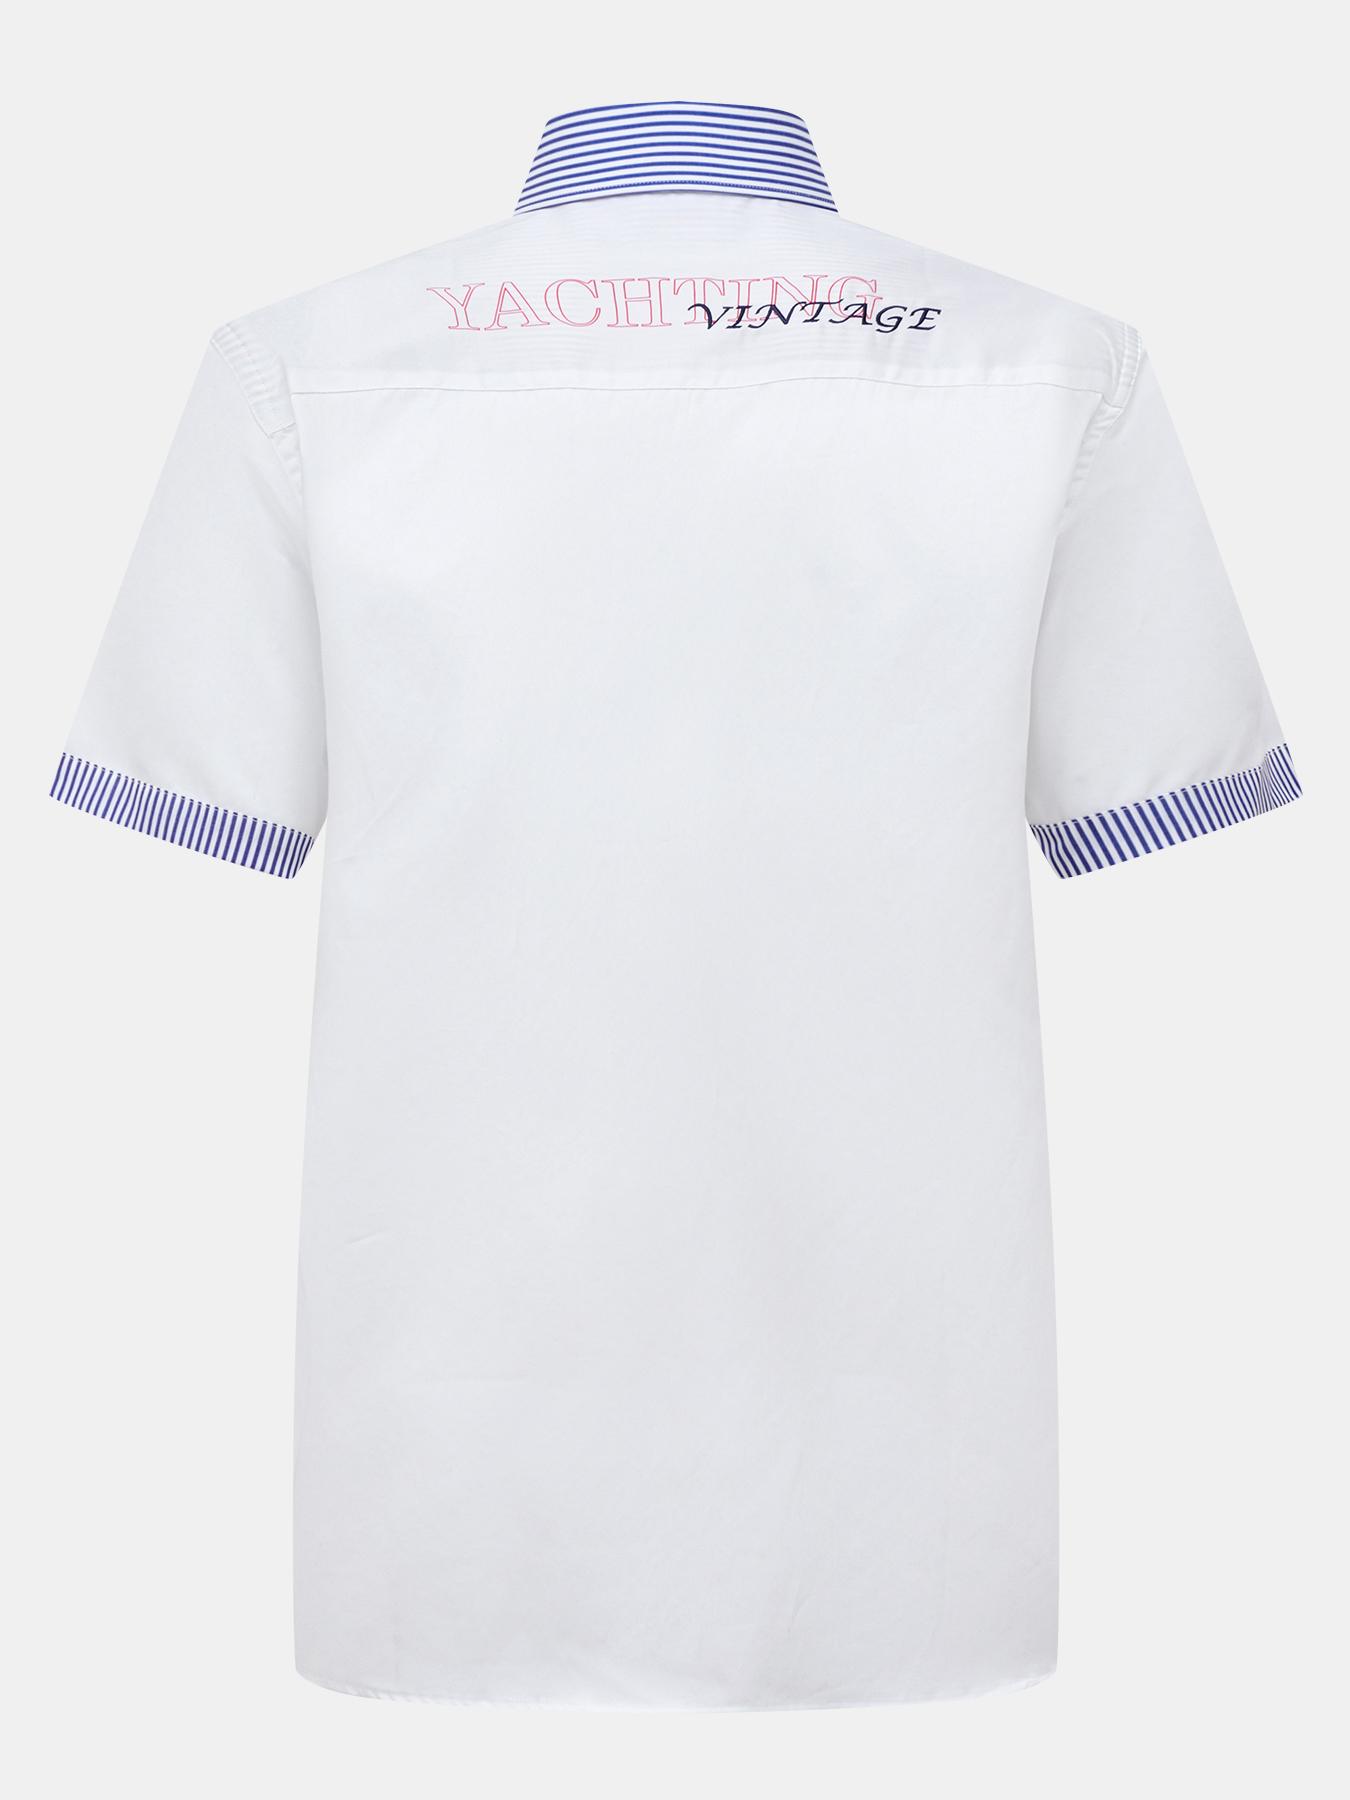 Alessandro Manzoni Yachting Рубашка с коротким рукавом фото